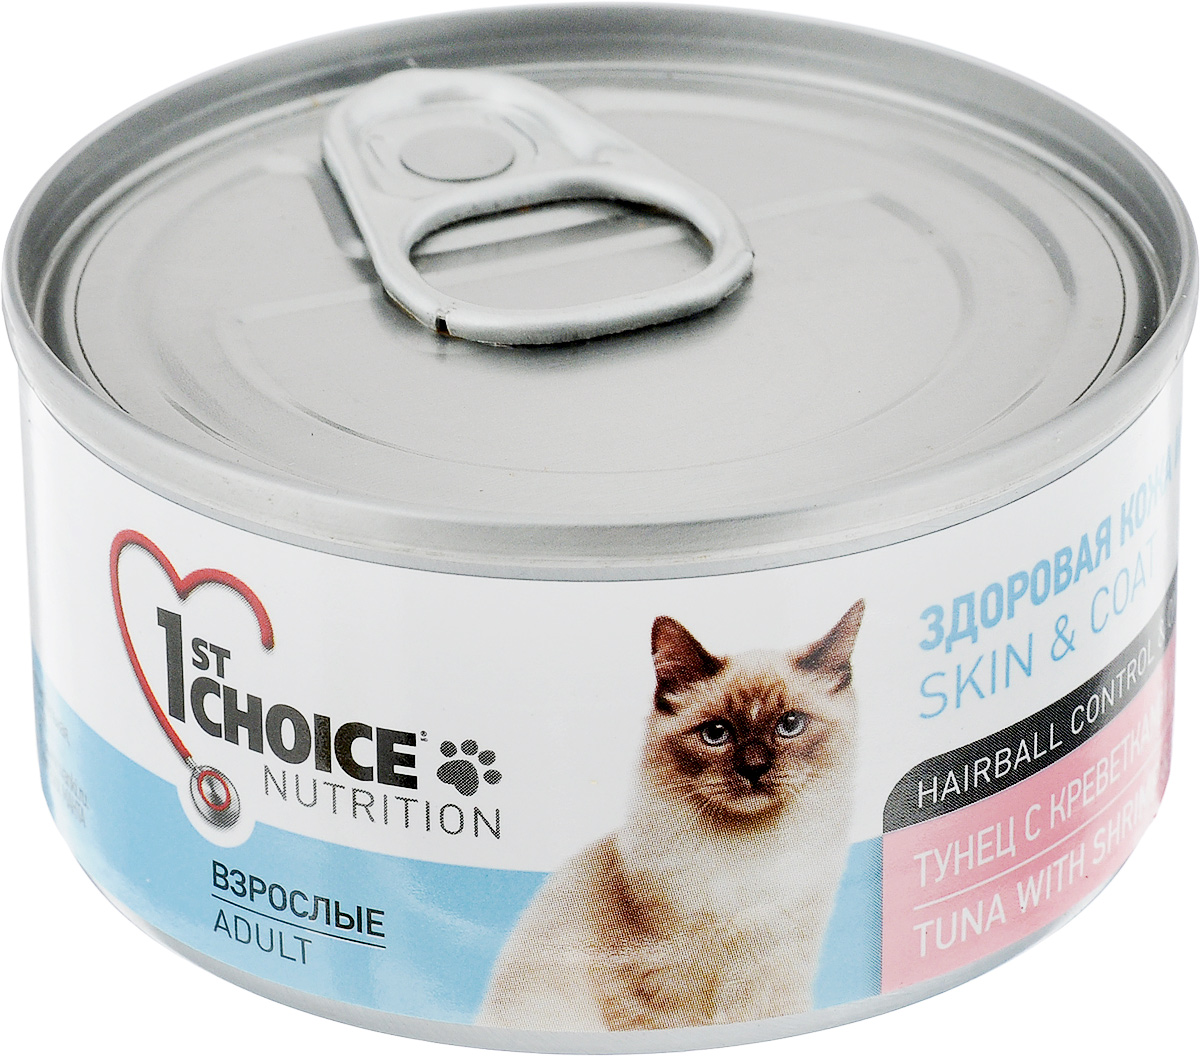 Консервы 1st Choice, для взрослых кошек, тунец с креветками и ананасом, 85 г0120710Консервы 1st Choice является уникальным, натуральным, здоровым и функциональным дополнительным консервированным питанием для котят. Корм рекомендуется смешивать с кашами. Консервы изготовлены из высококачественного мясного сырья. Они обеспечивают здоровую и красивую шерсть, благодаря высокому содержанию Омега-3 и эффективную систему вывода шерсти и контроля образования волосяных комочков. Товар сертифицирован.